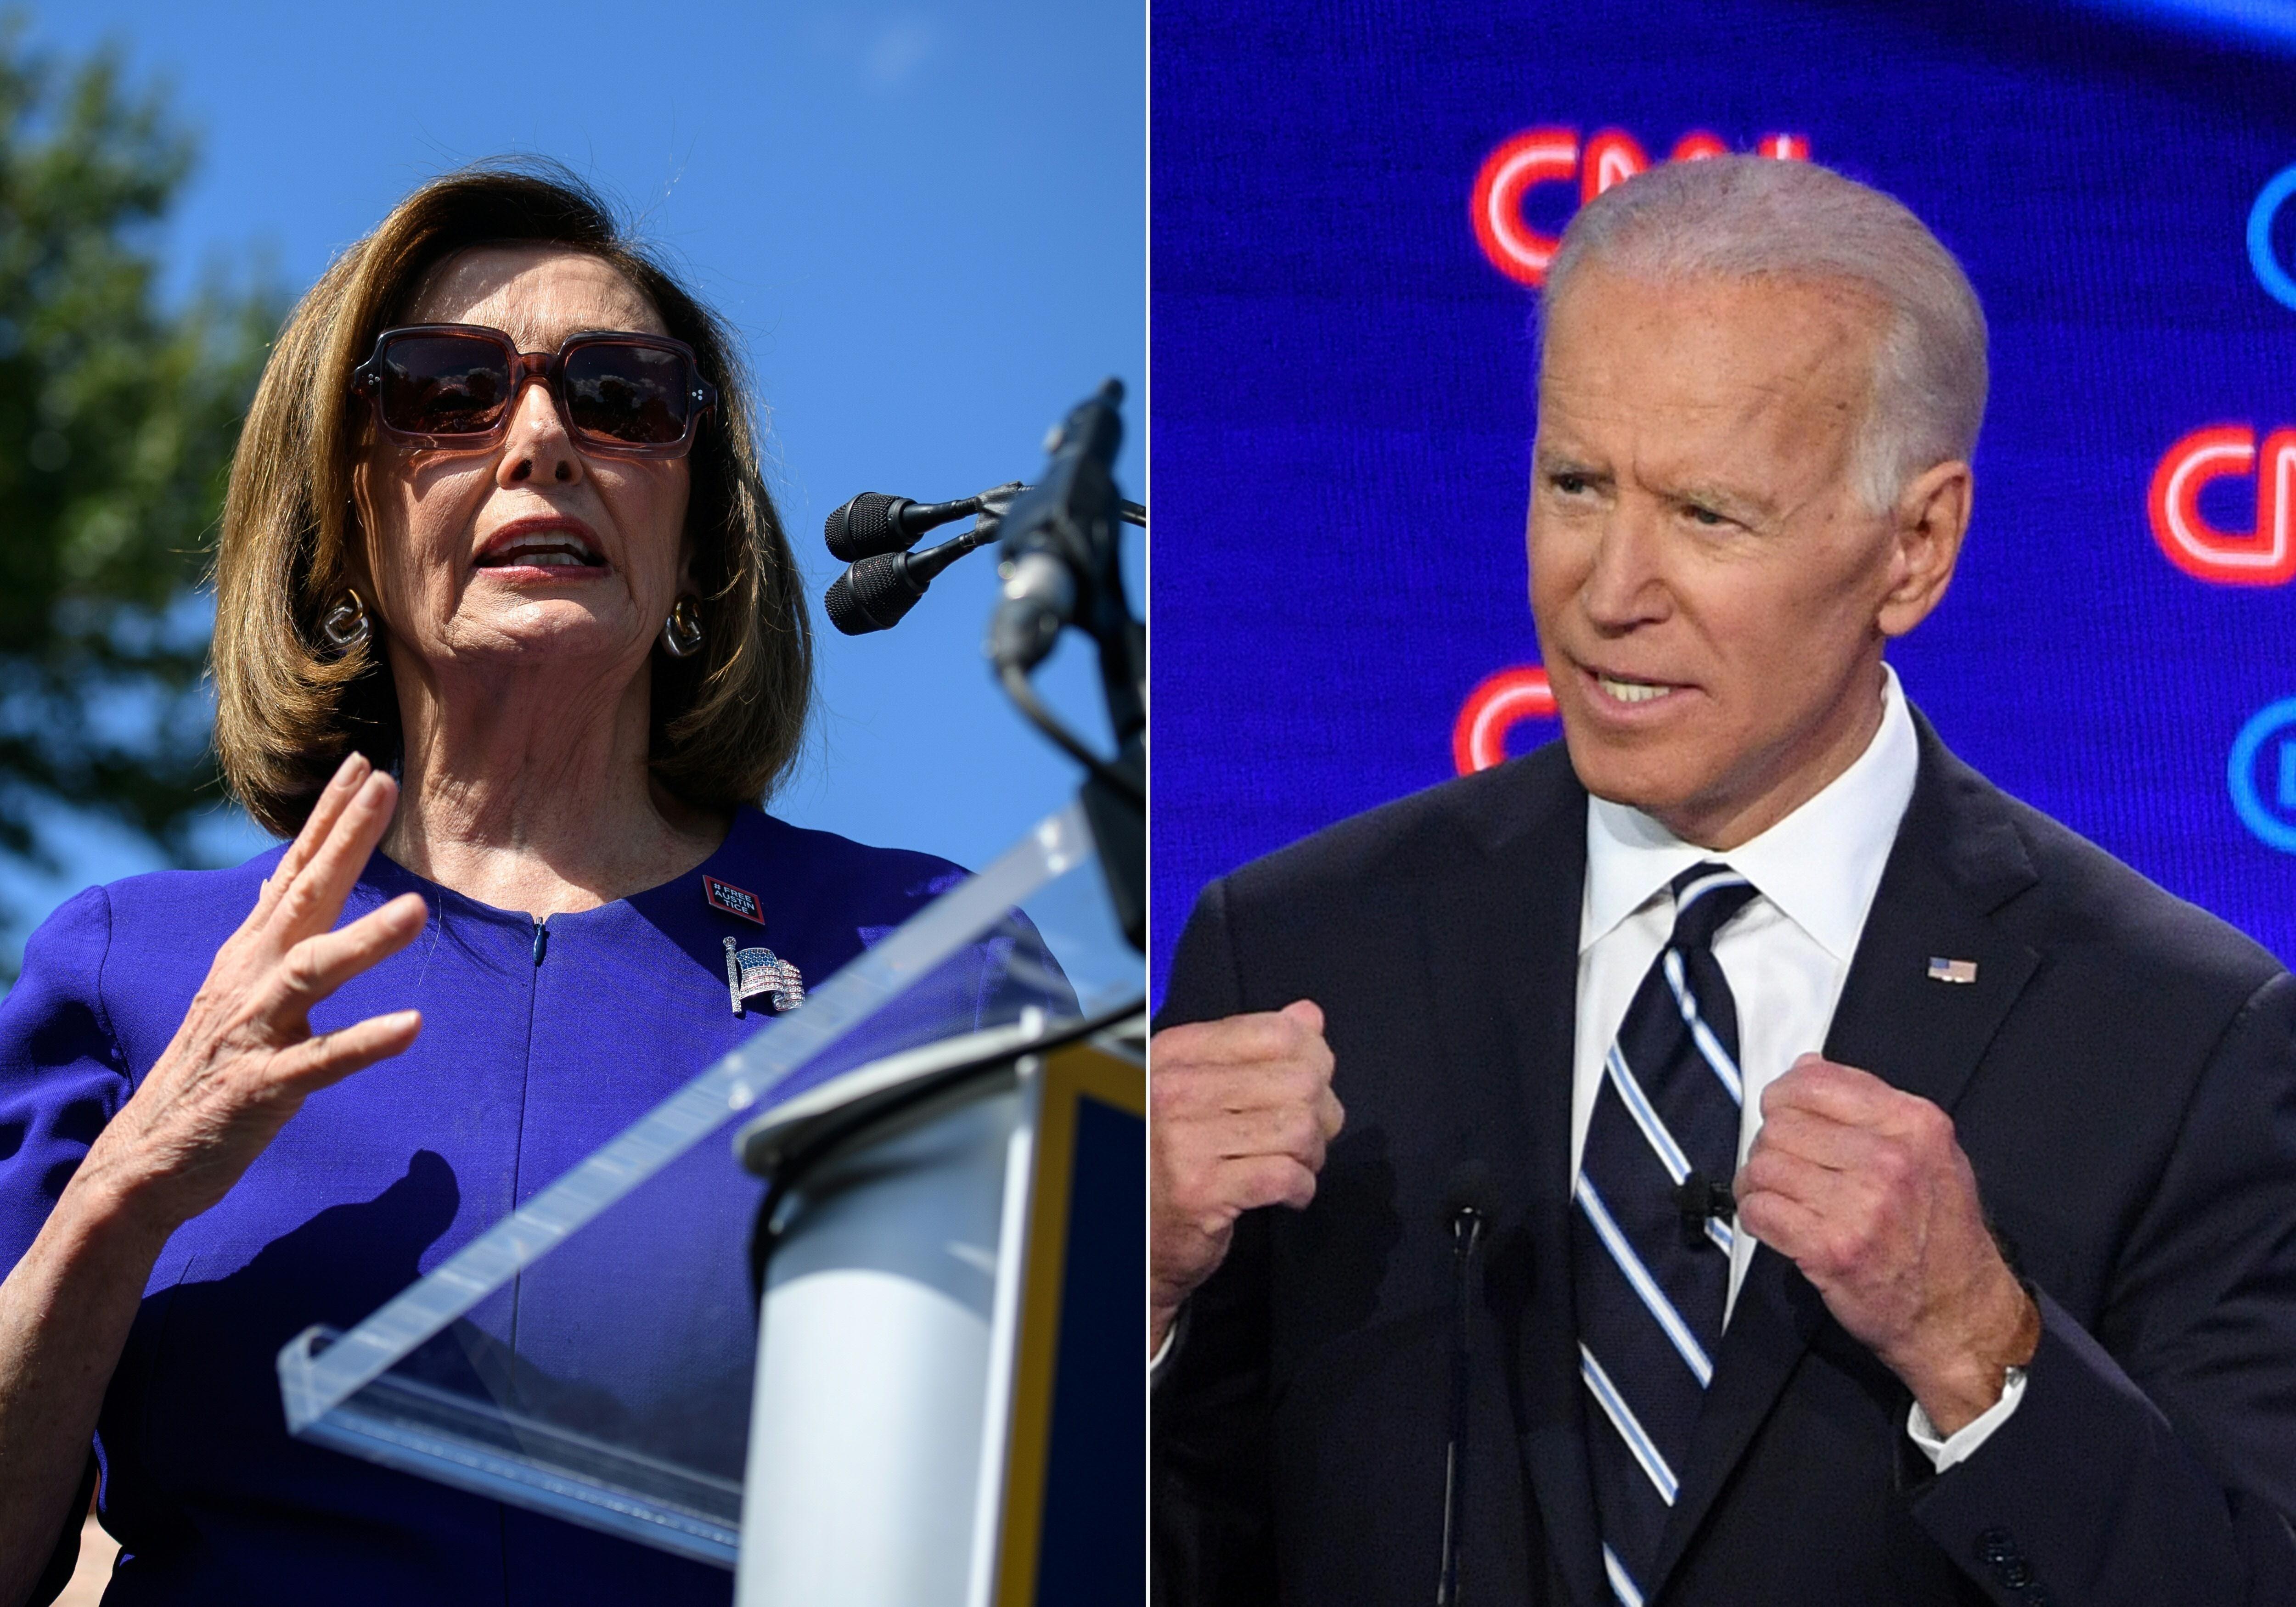 """Chủ tịch Hạ viện Mỹ Nancy Pelosi (ảnh trái) đã """"gửi lời chúc mừng tới ông Joe Biden về chiến thắng của ông ấy cho linh hồn của đất nước chúng ta. Chúc mừng bà Kamala Harris đã lập nên lịch sử. Đã tới lúc hàn gắn và tới lúc cùng nhau lớn mạnh."""" (Ảnh: TTXVN phát)"""